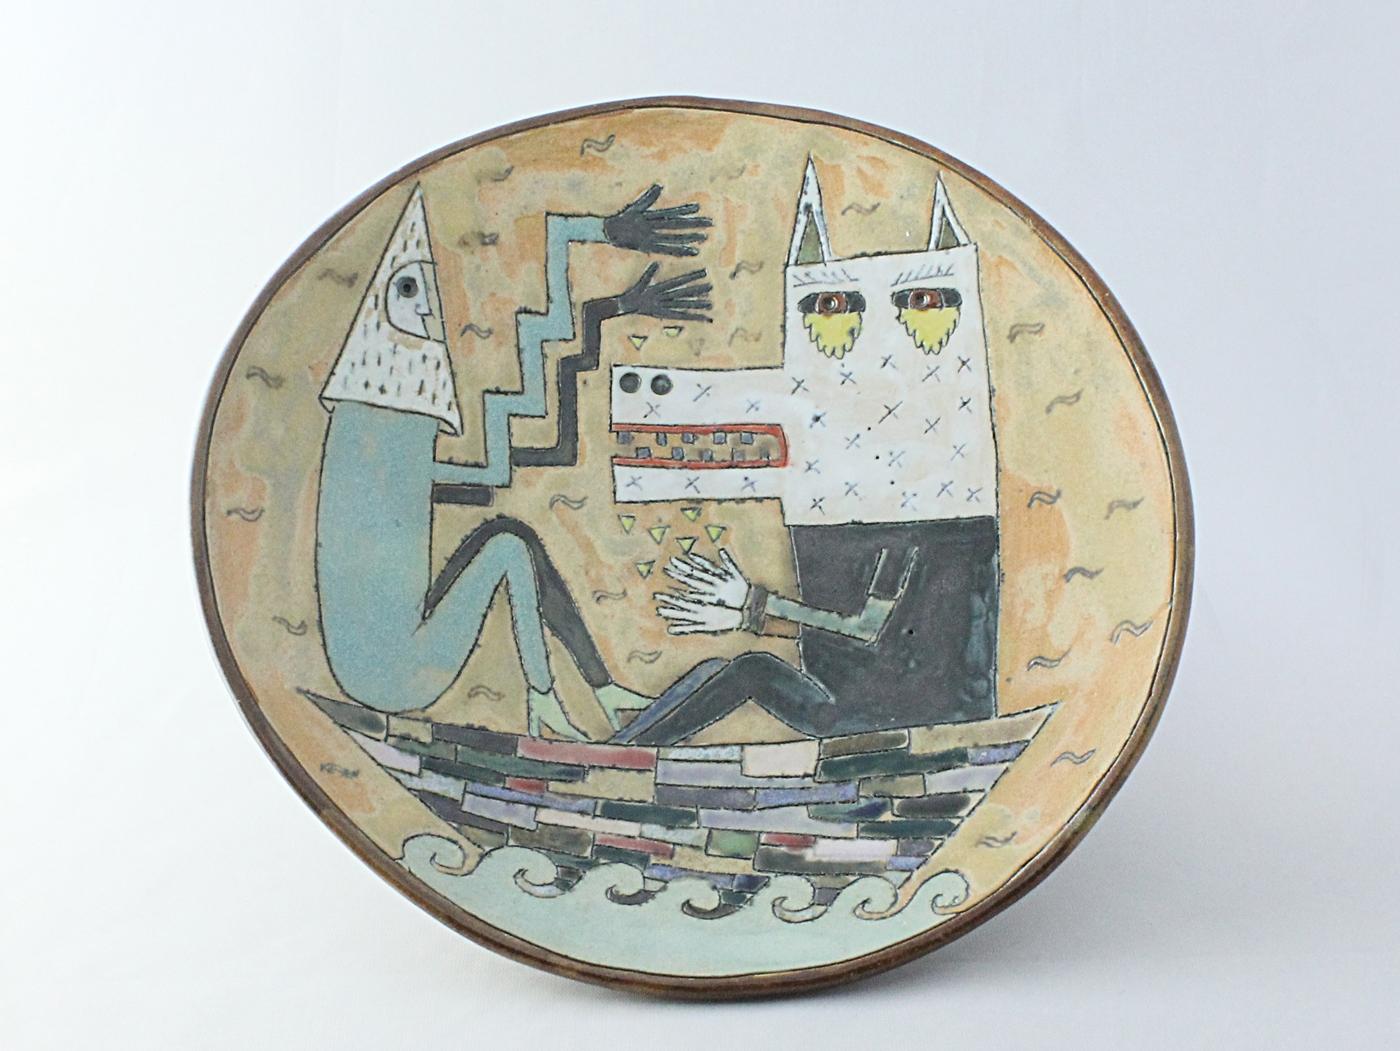 ベージュ色の皿 船に乗る